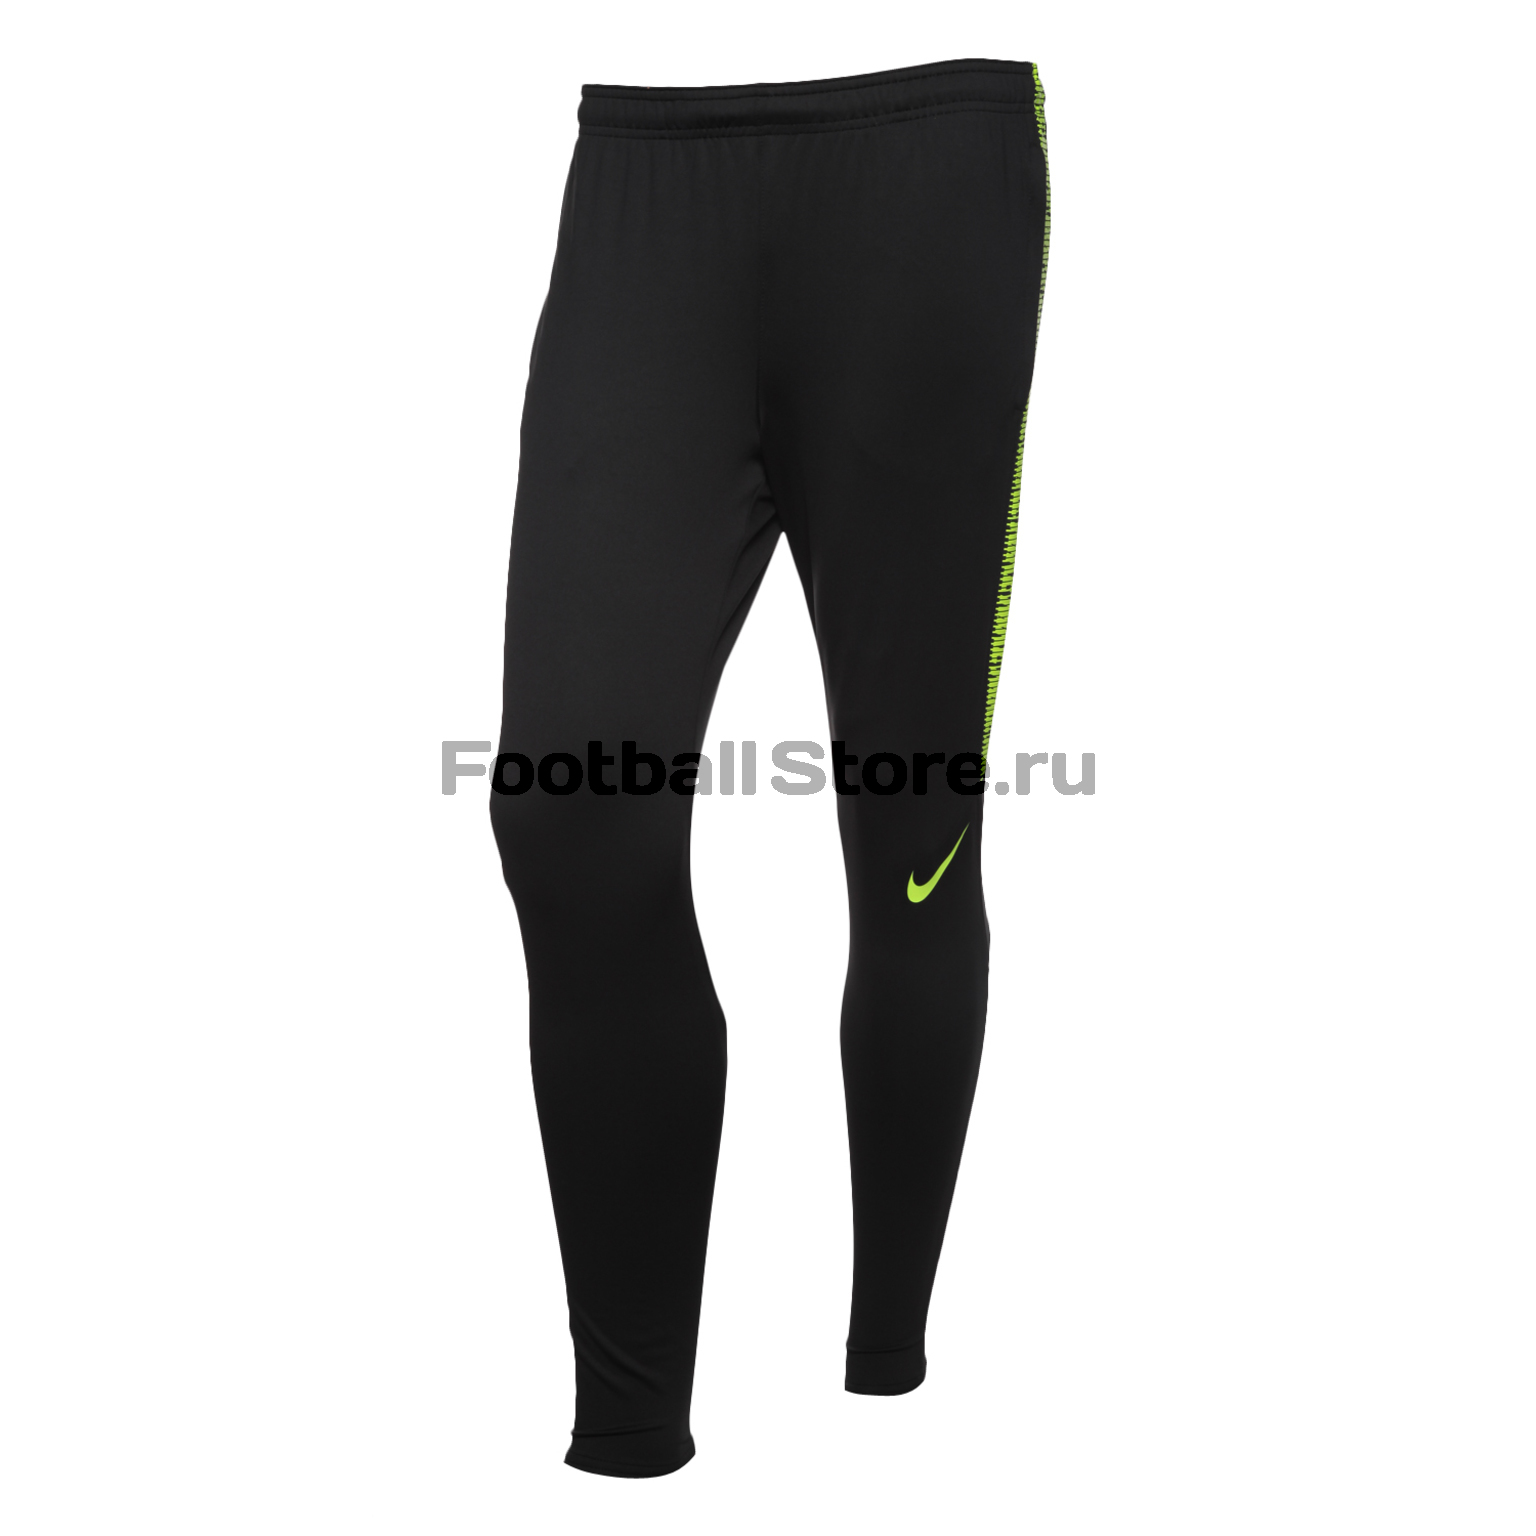 Брюки тренировочные Nike Dry Pant 859225-018